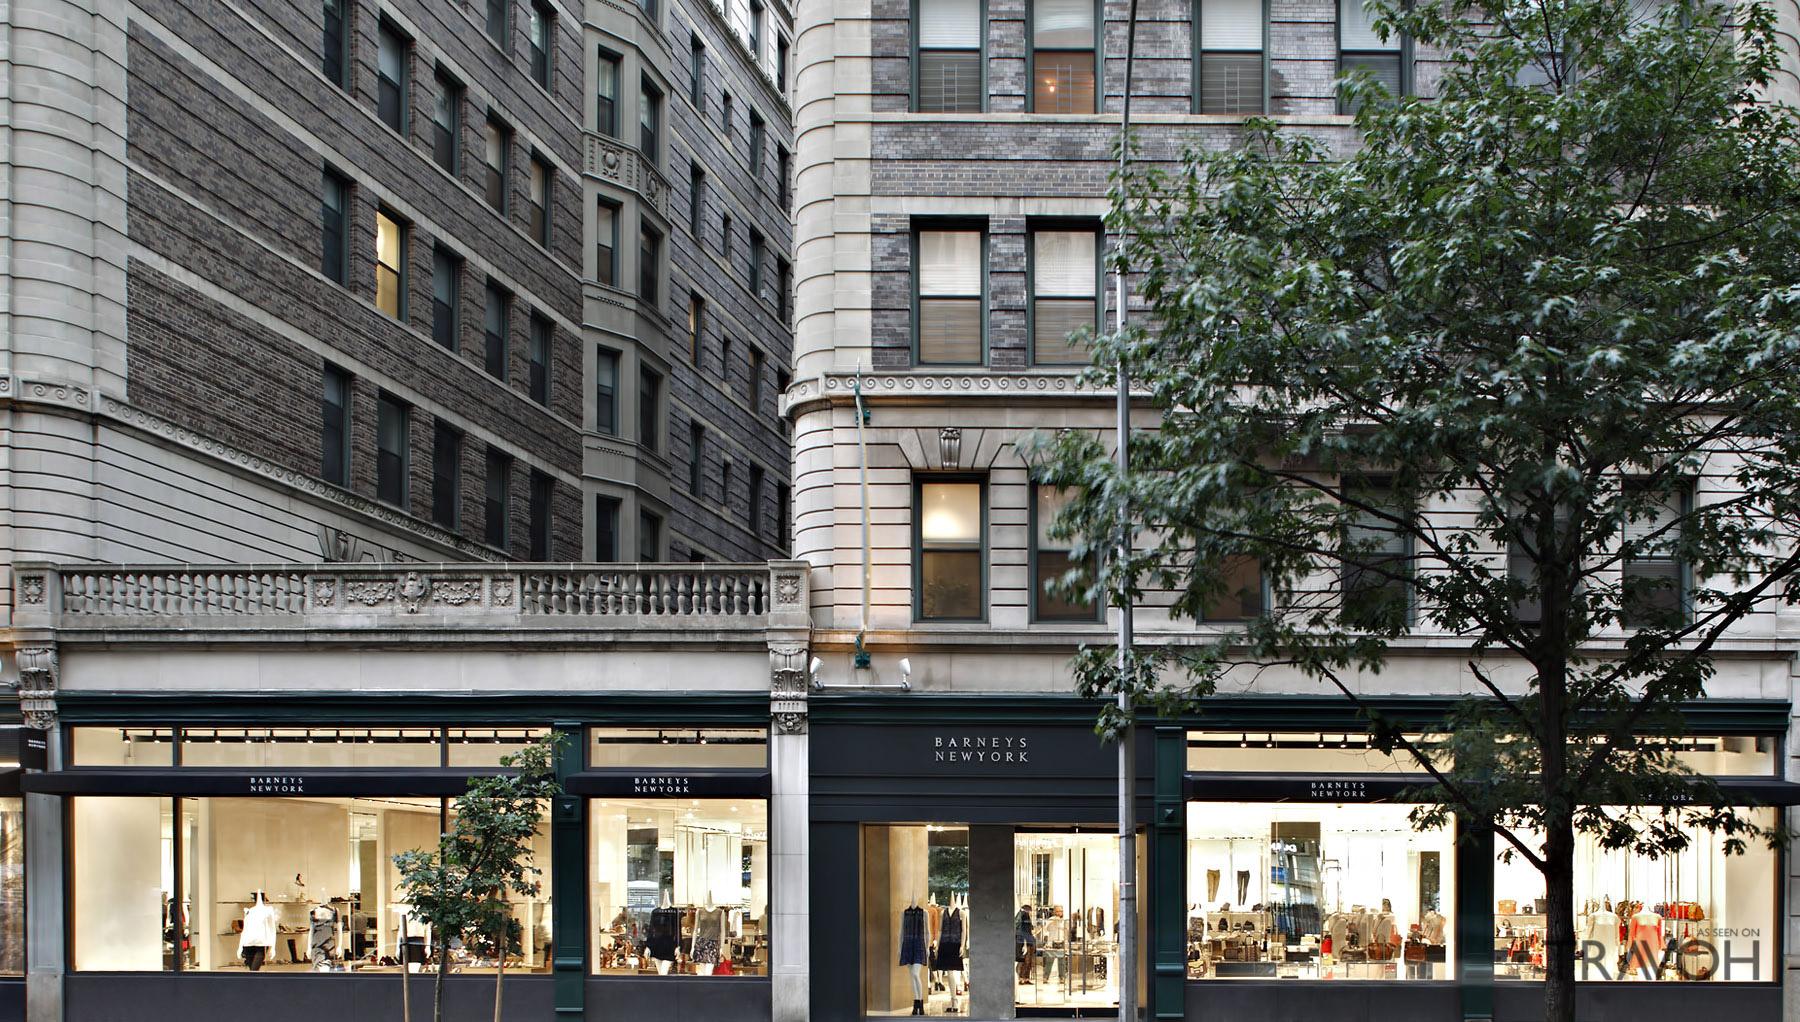 Barney's New York - 2151 Broadway, New York, NY, USA